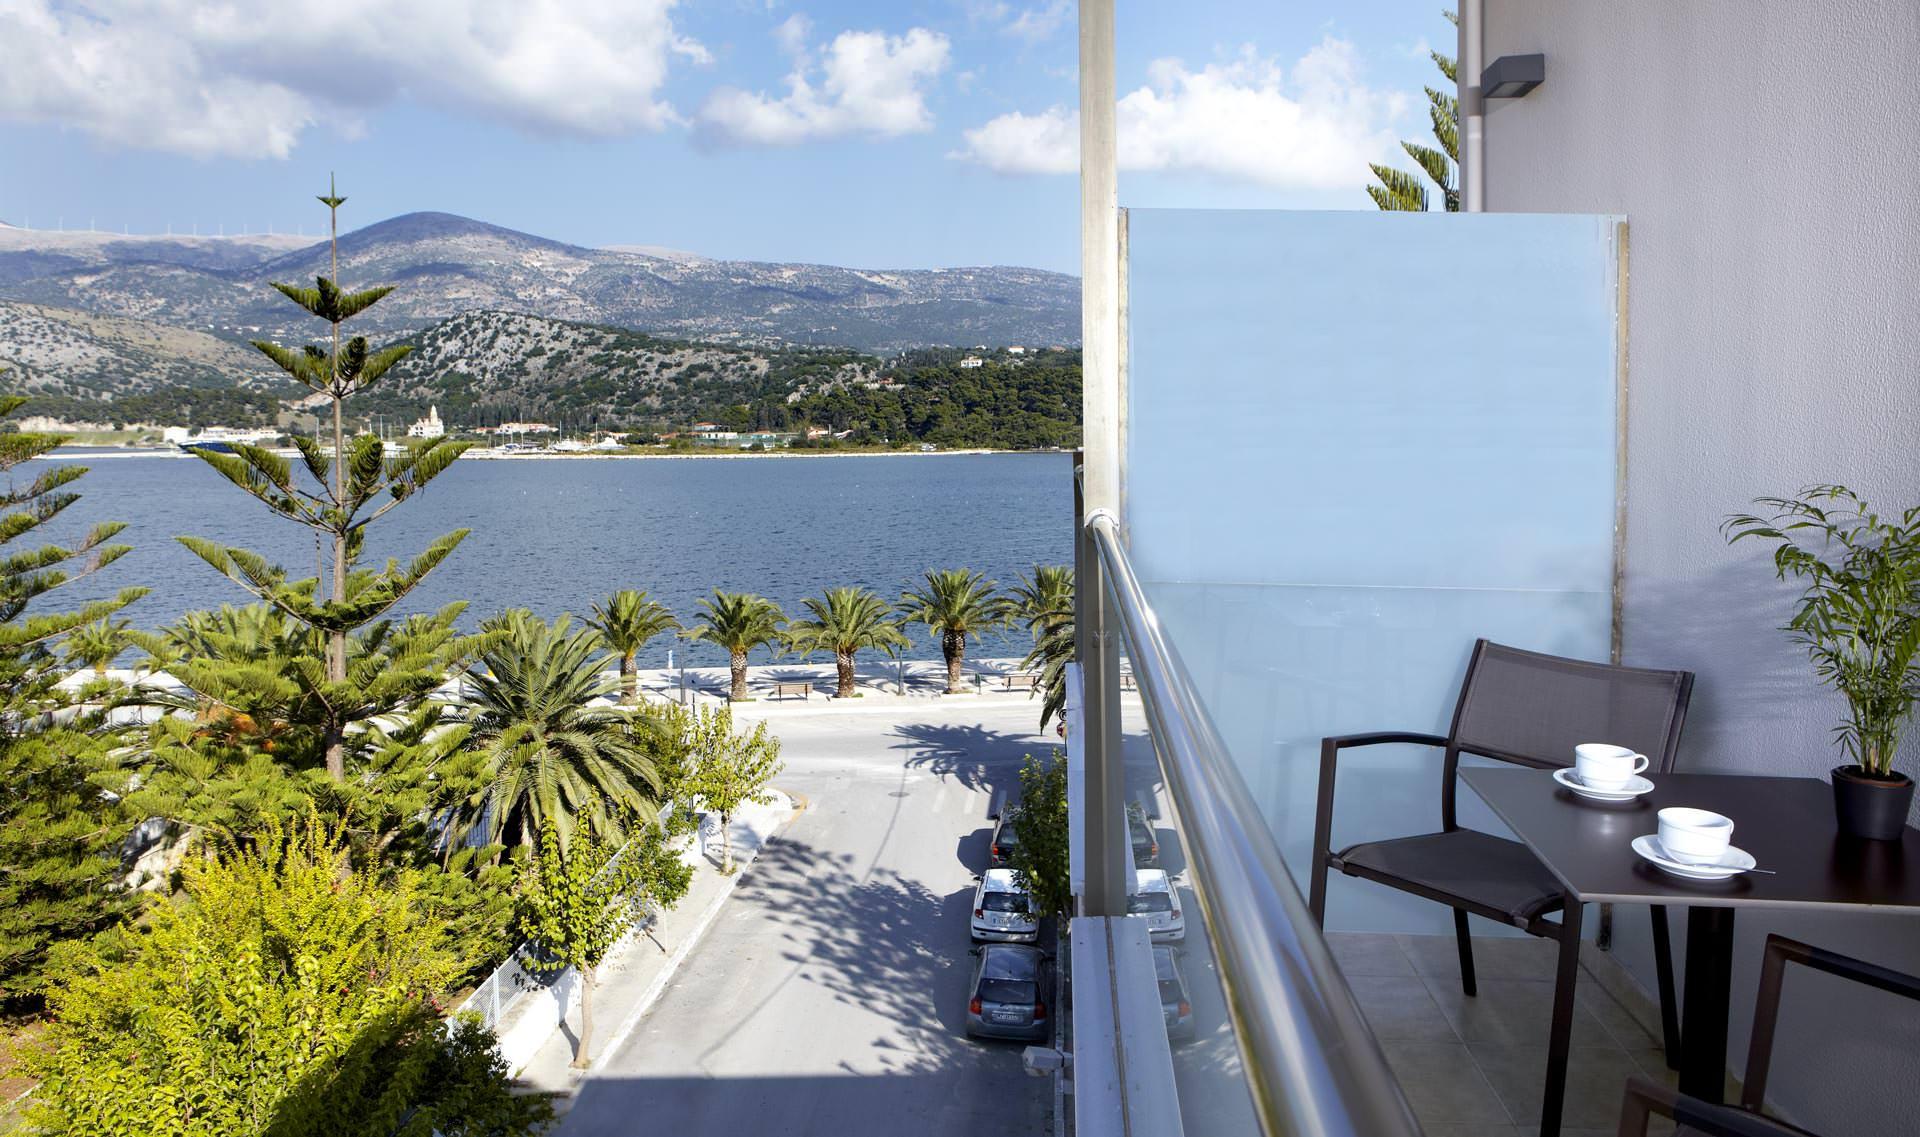 Θέα θάλασσα από το μπαλκόνι στο οικογενειακό δωμάτιο στο Αργοστόλι Κεφαλονιάς του Mouikis Hotel 25m²